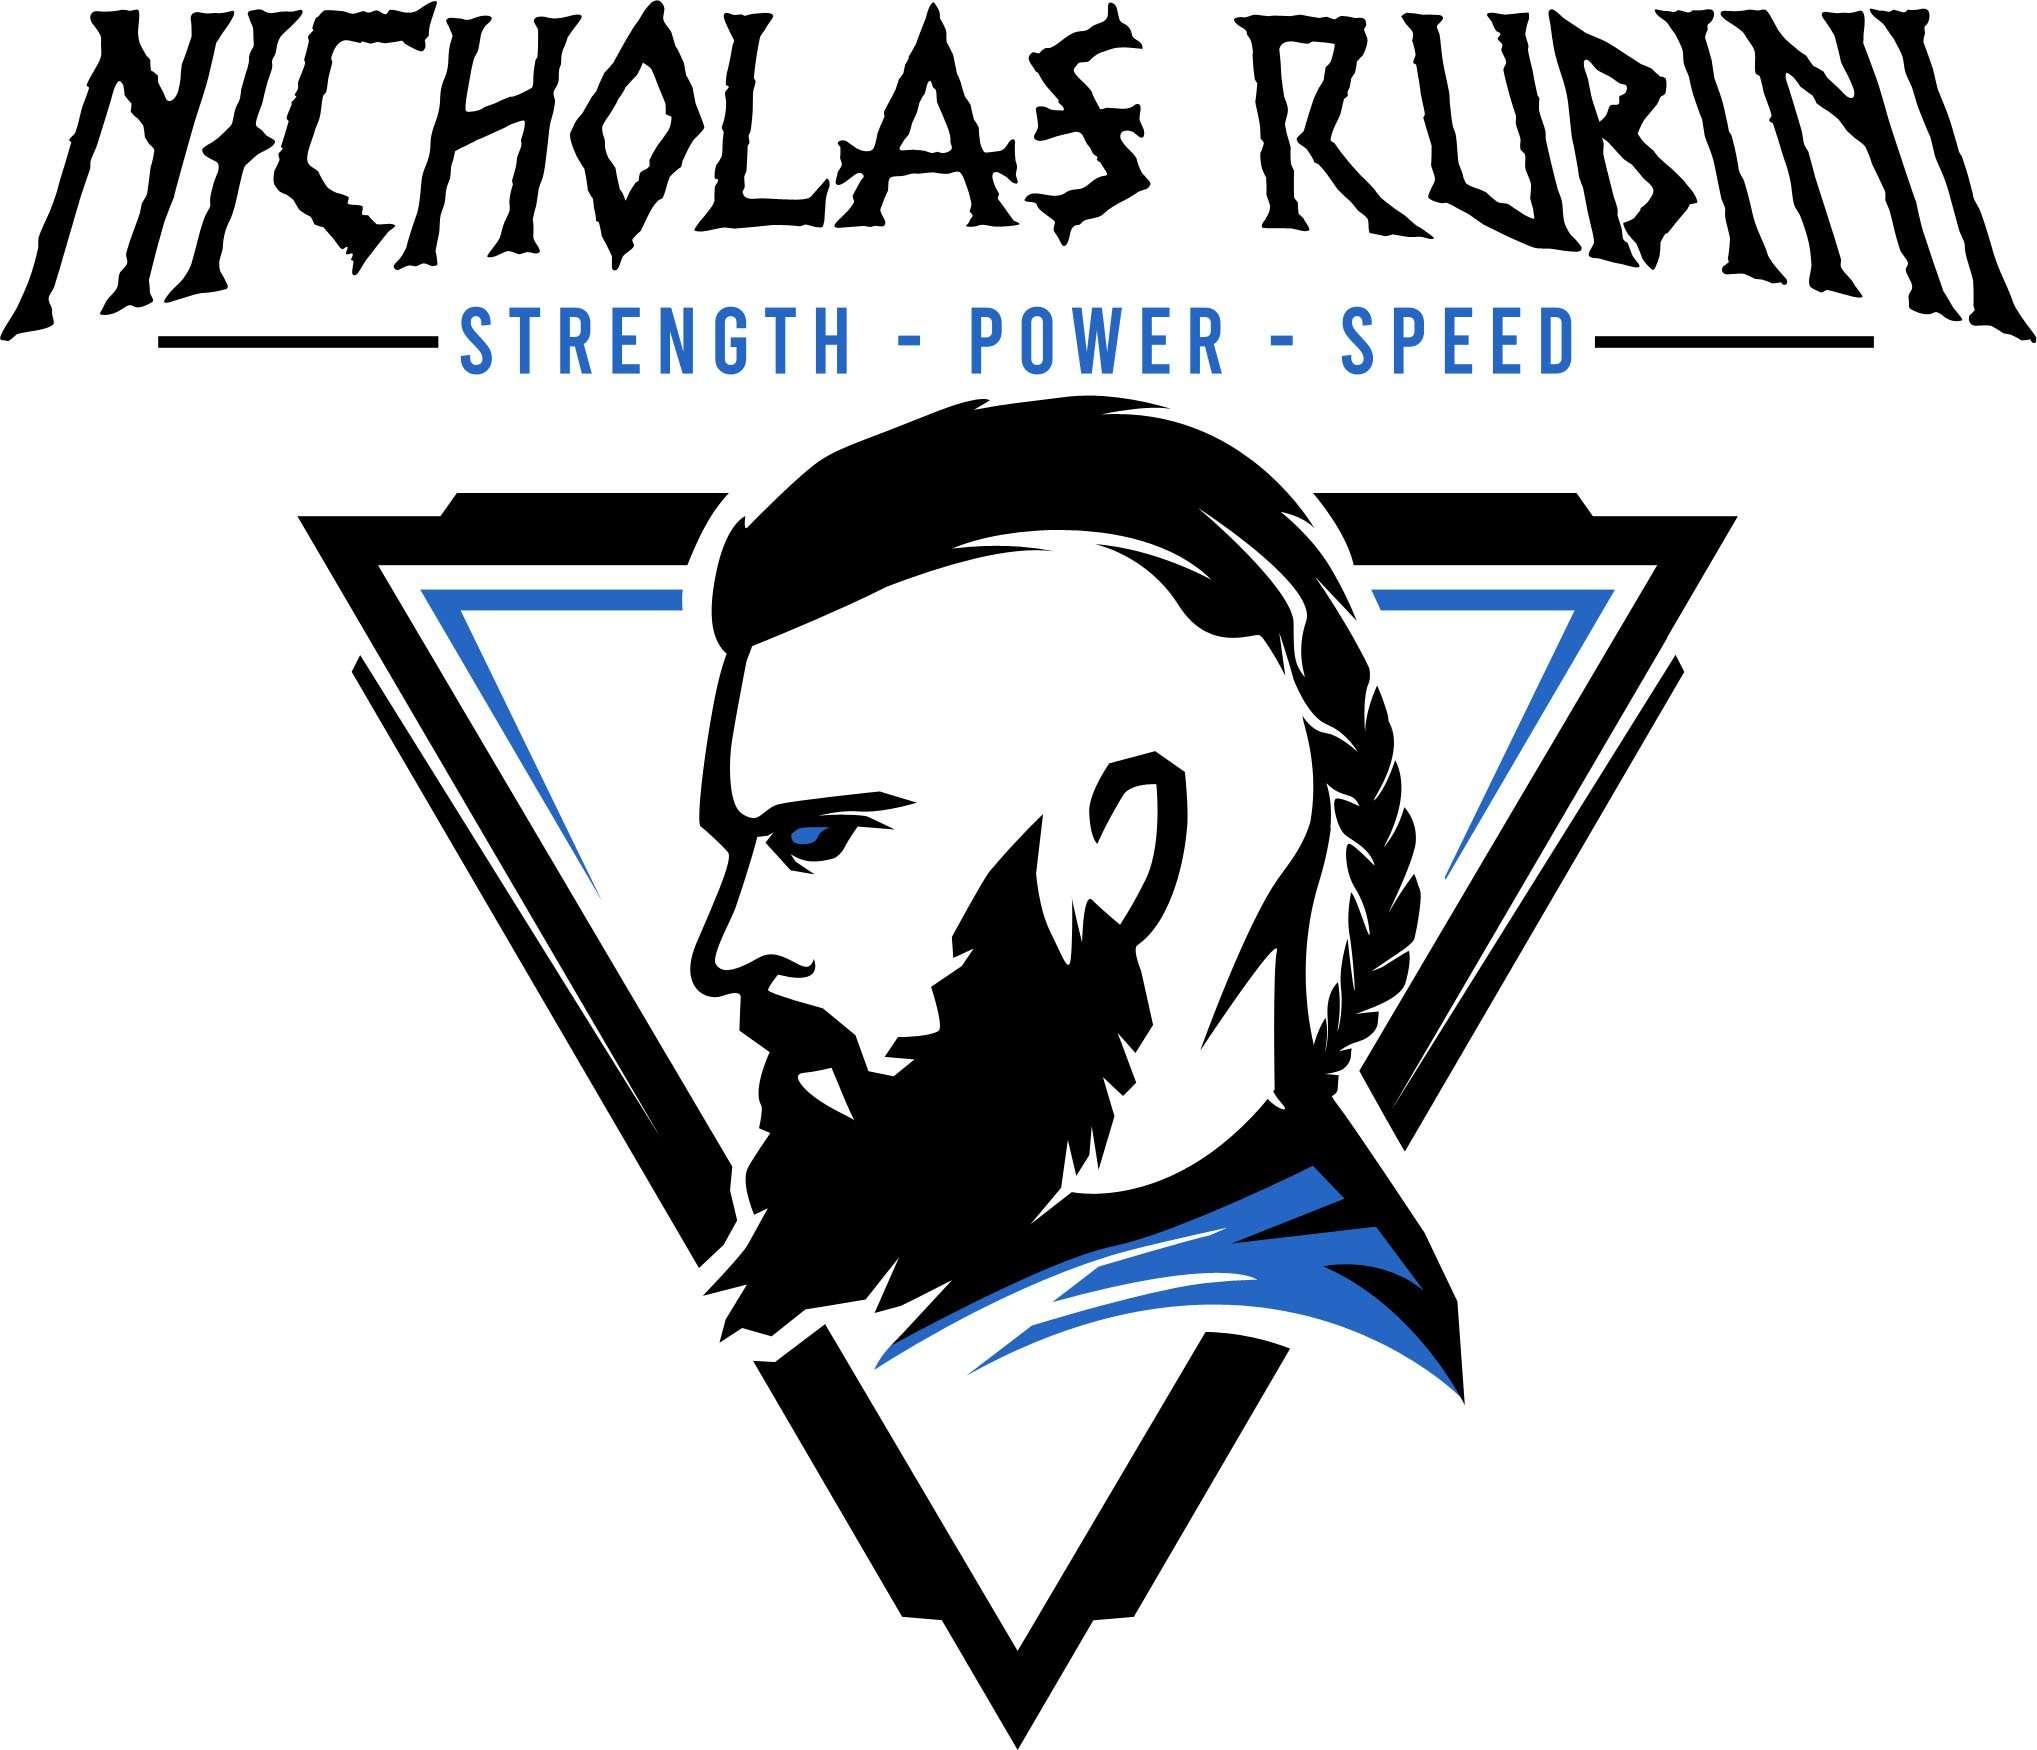 Nicholas Rubini